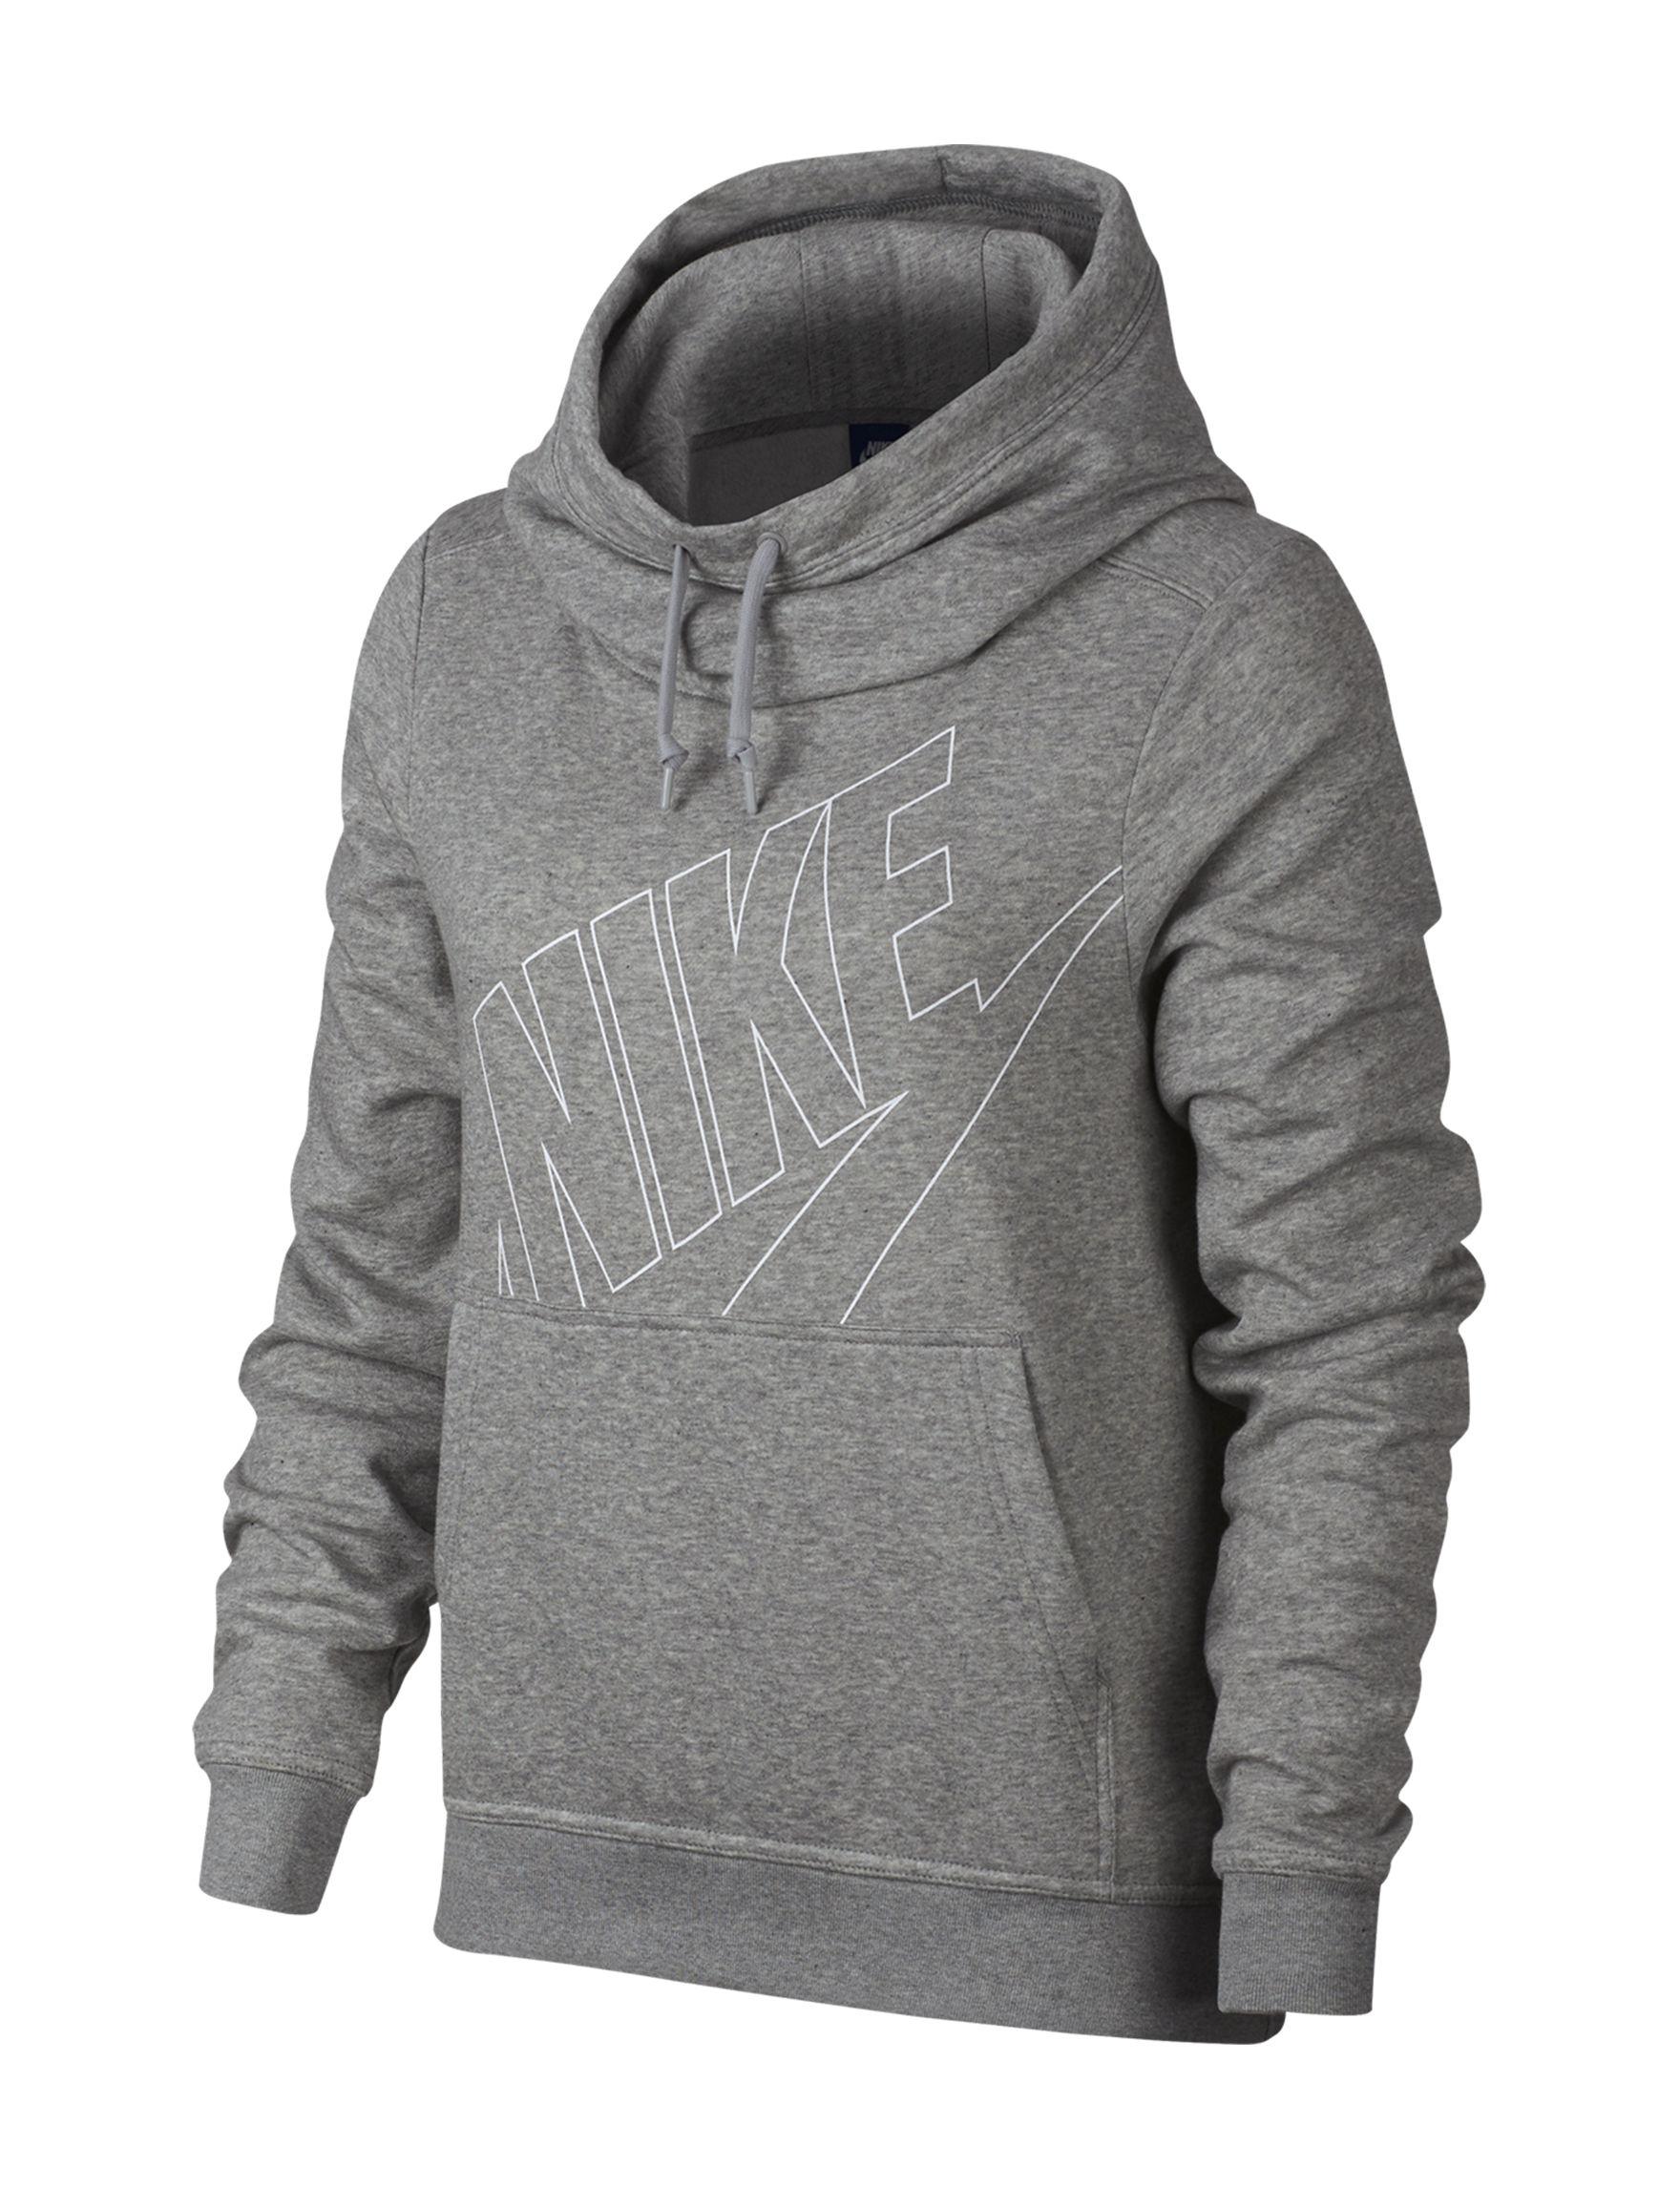 Nike Heather Grey Lightweight Jackets & Blazers